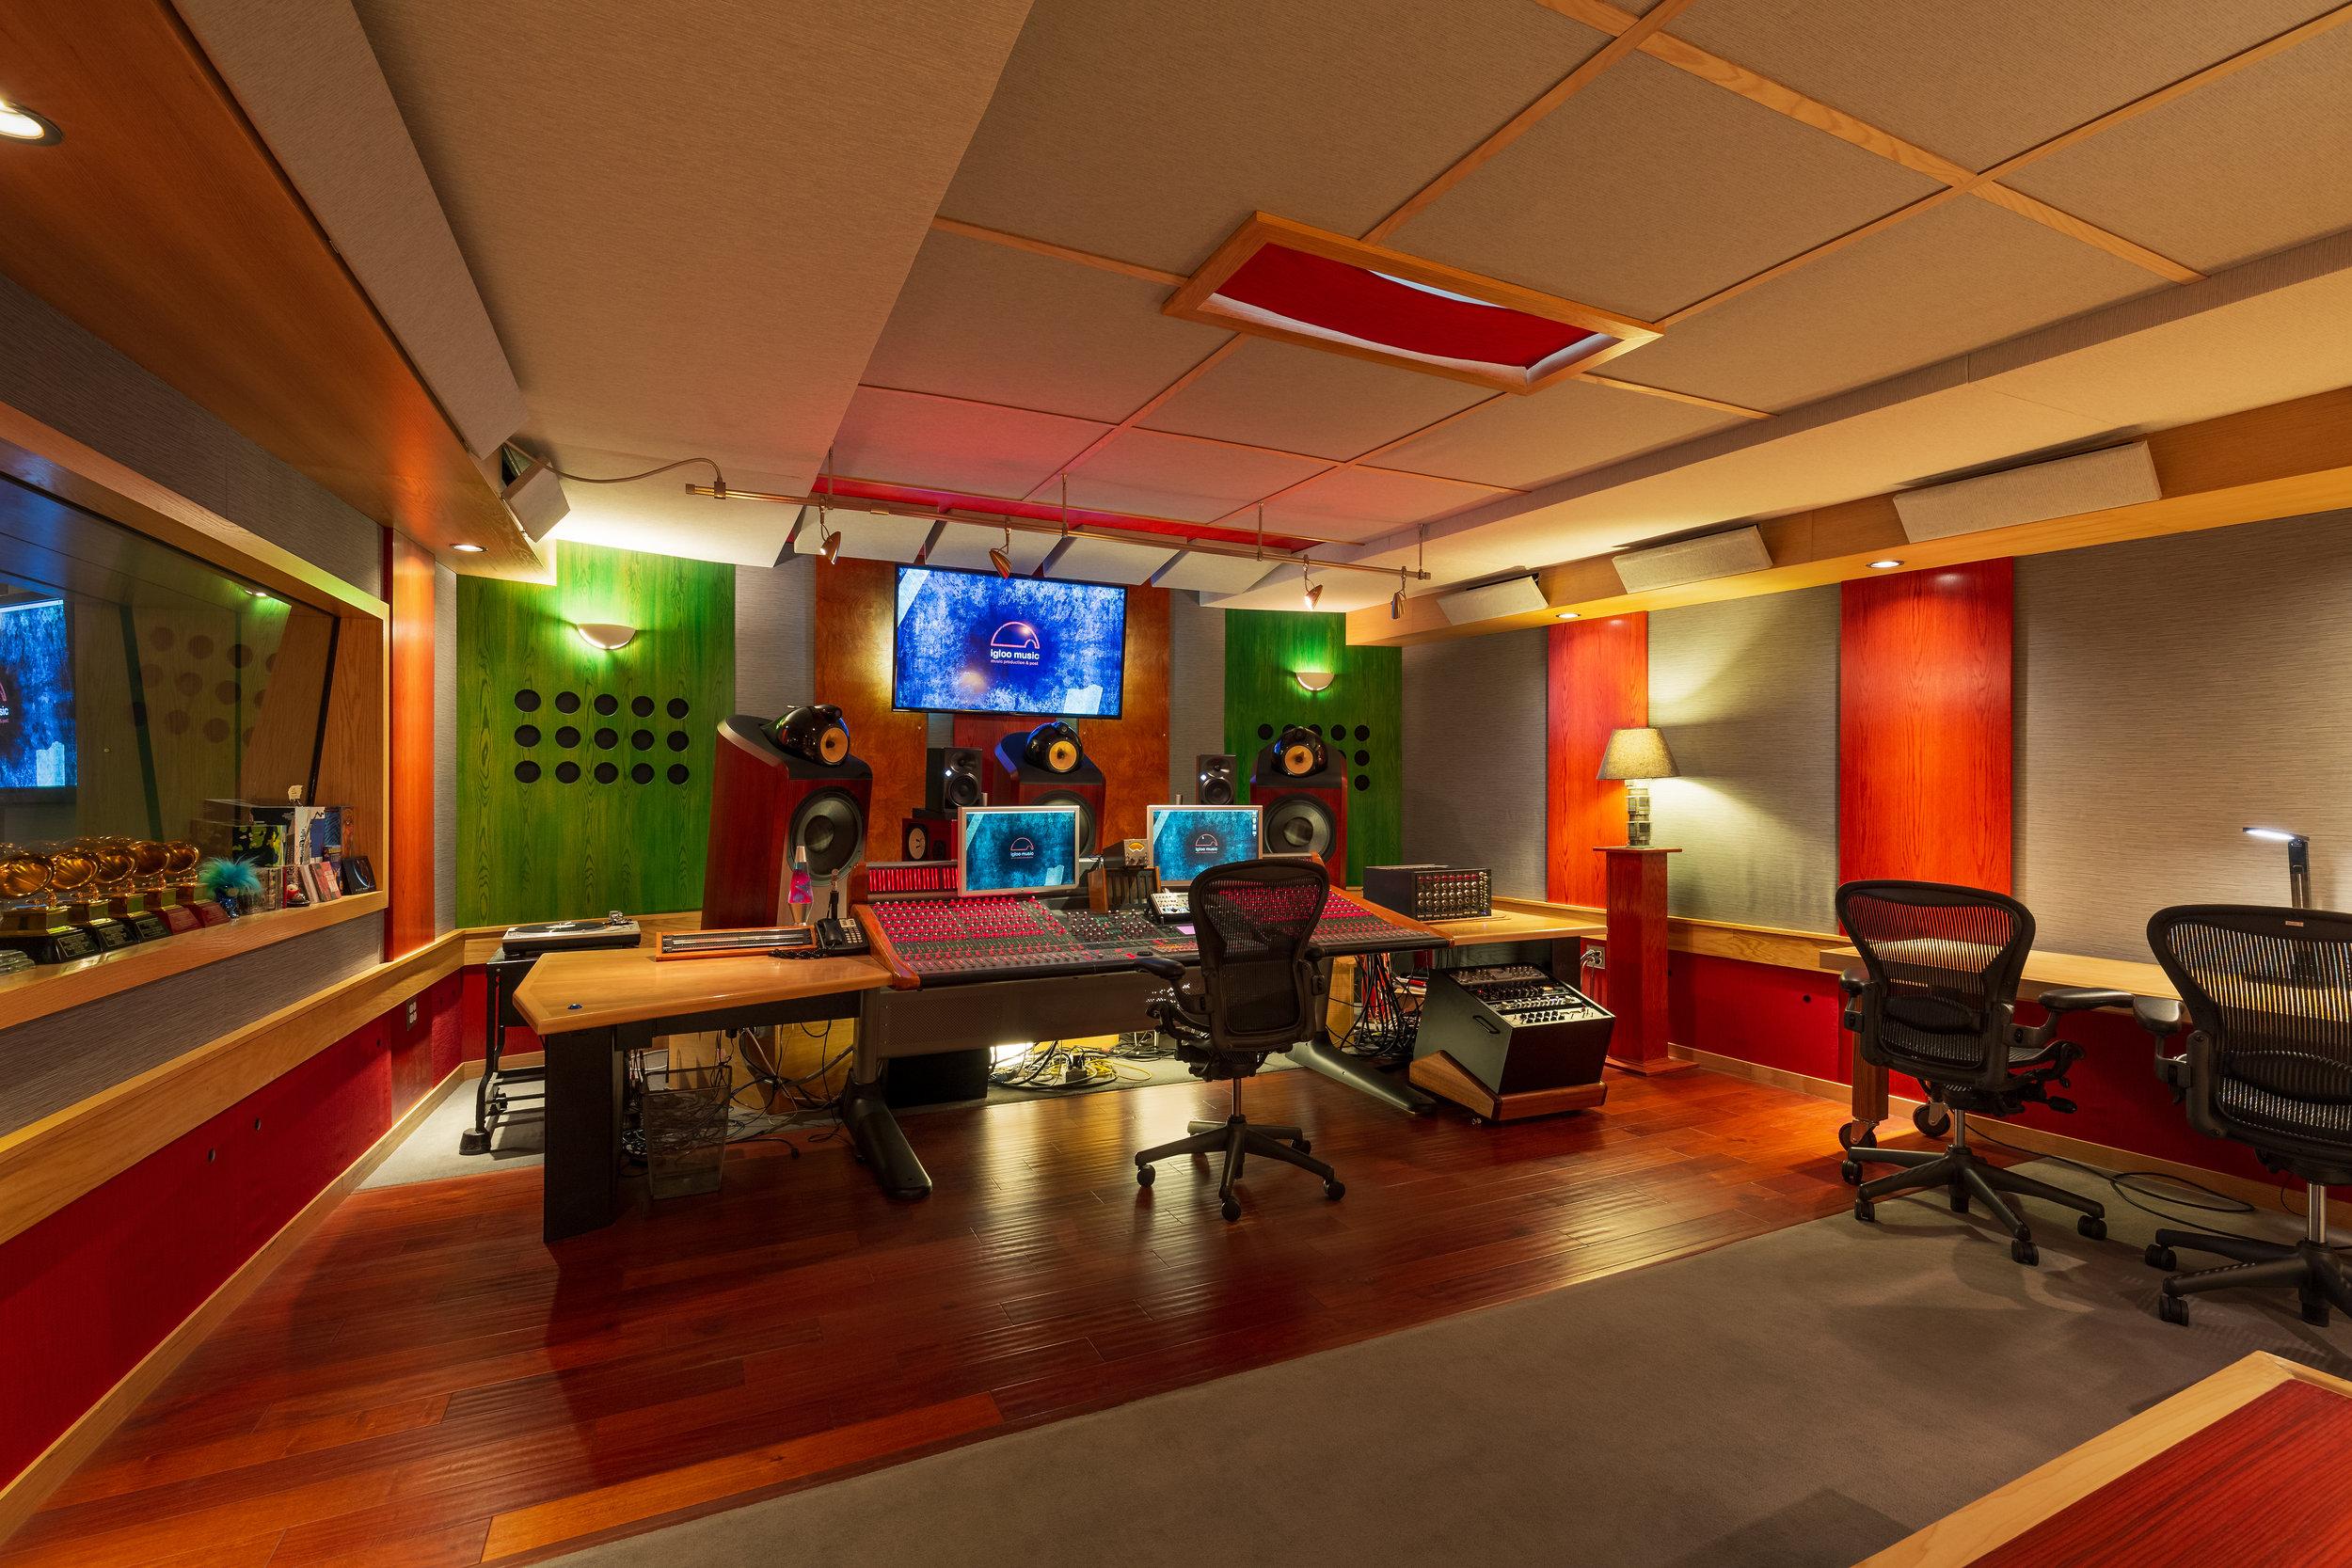 01_L_IglooMusicStudios_Control_Room_D.jpg